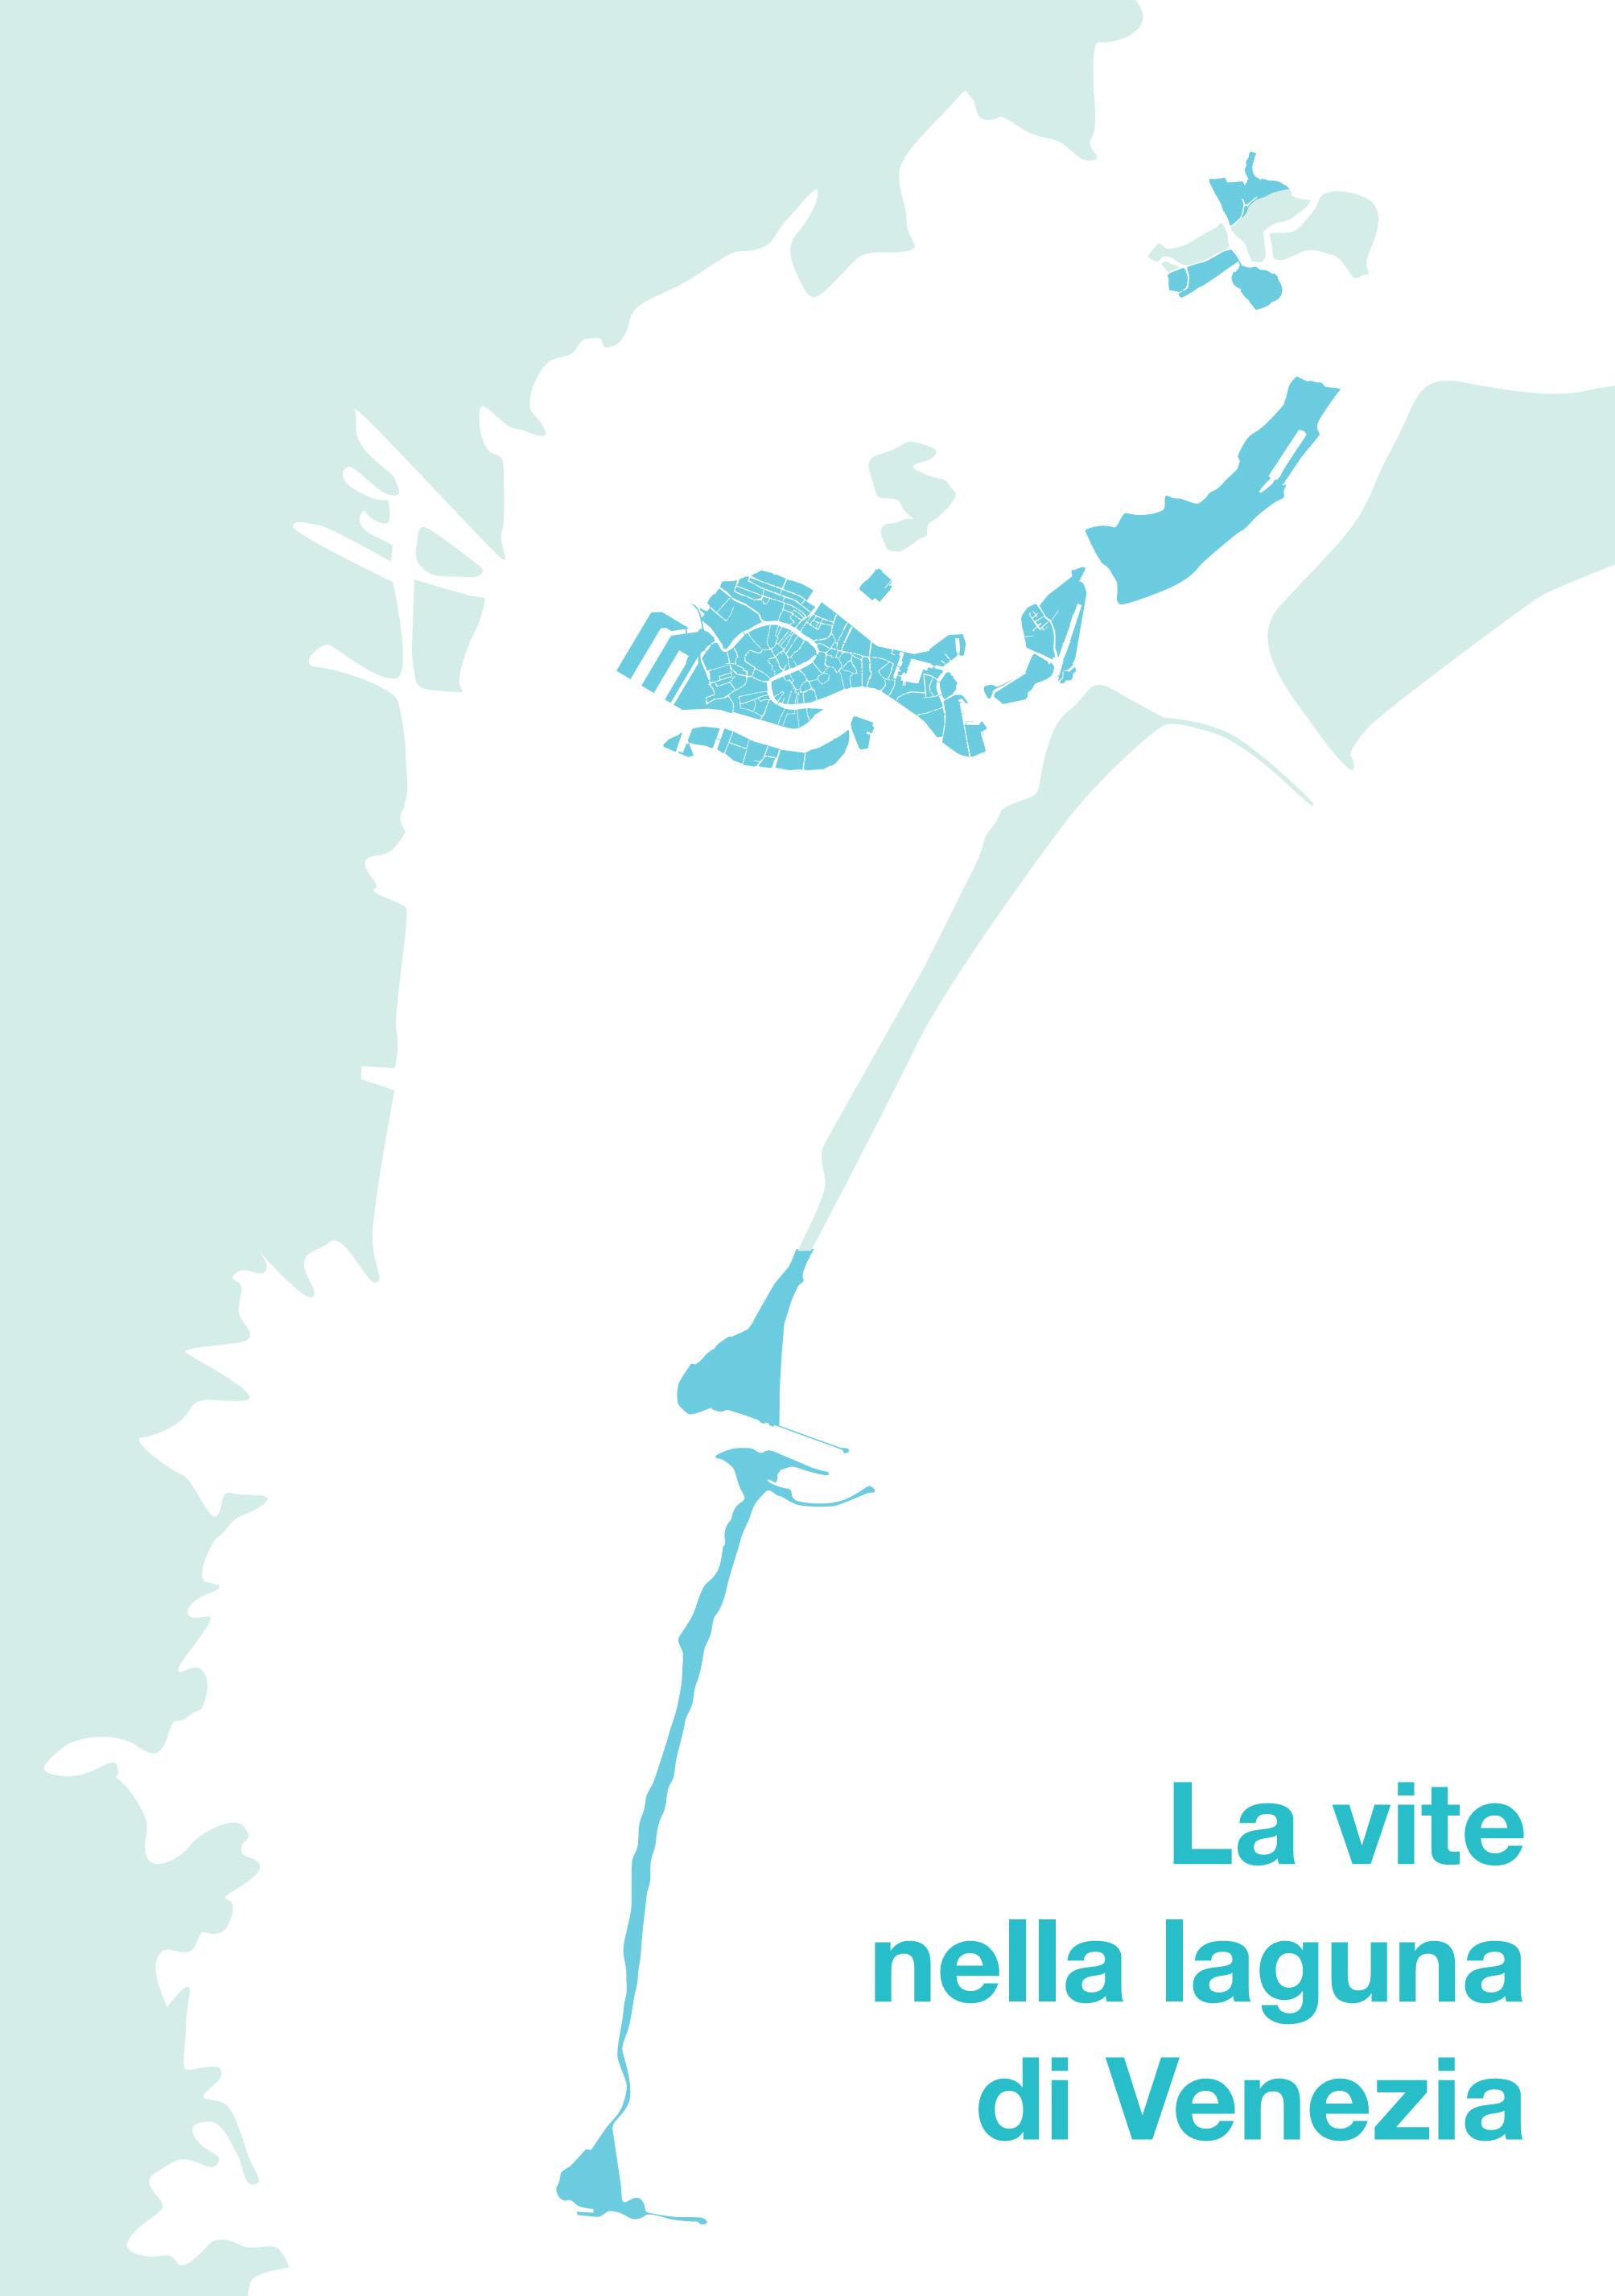 Yeasteria, vite, laguna